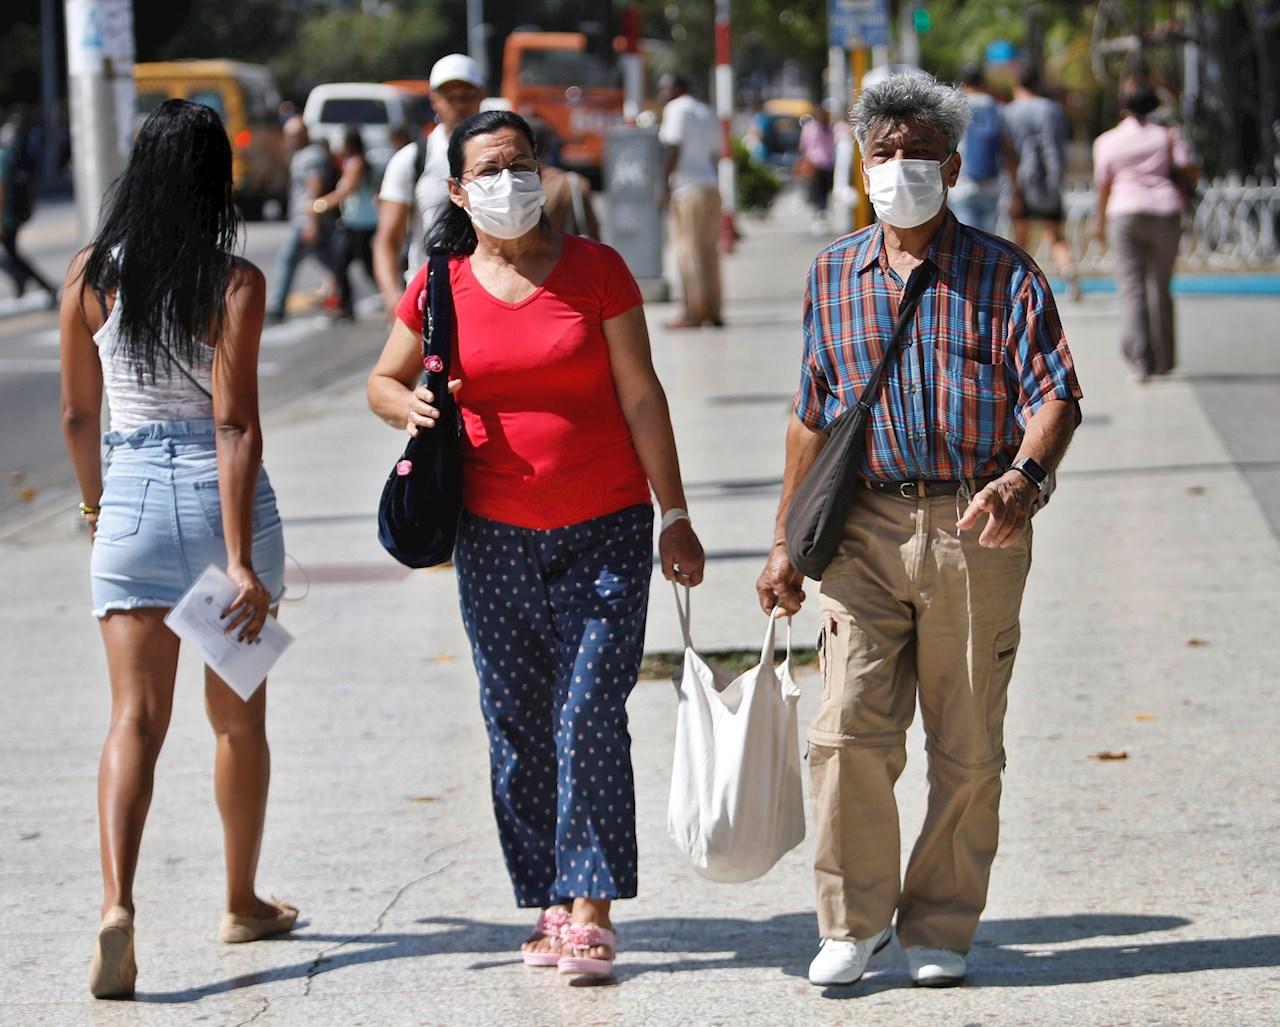 Tablero de Impacto del Coronavirus: Midiendo los efectos del distanciamiento social en la movilidad de América Latina y el Caribe